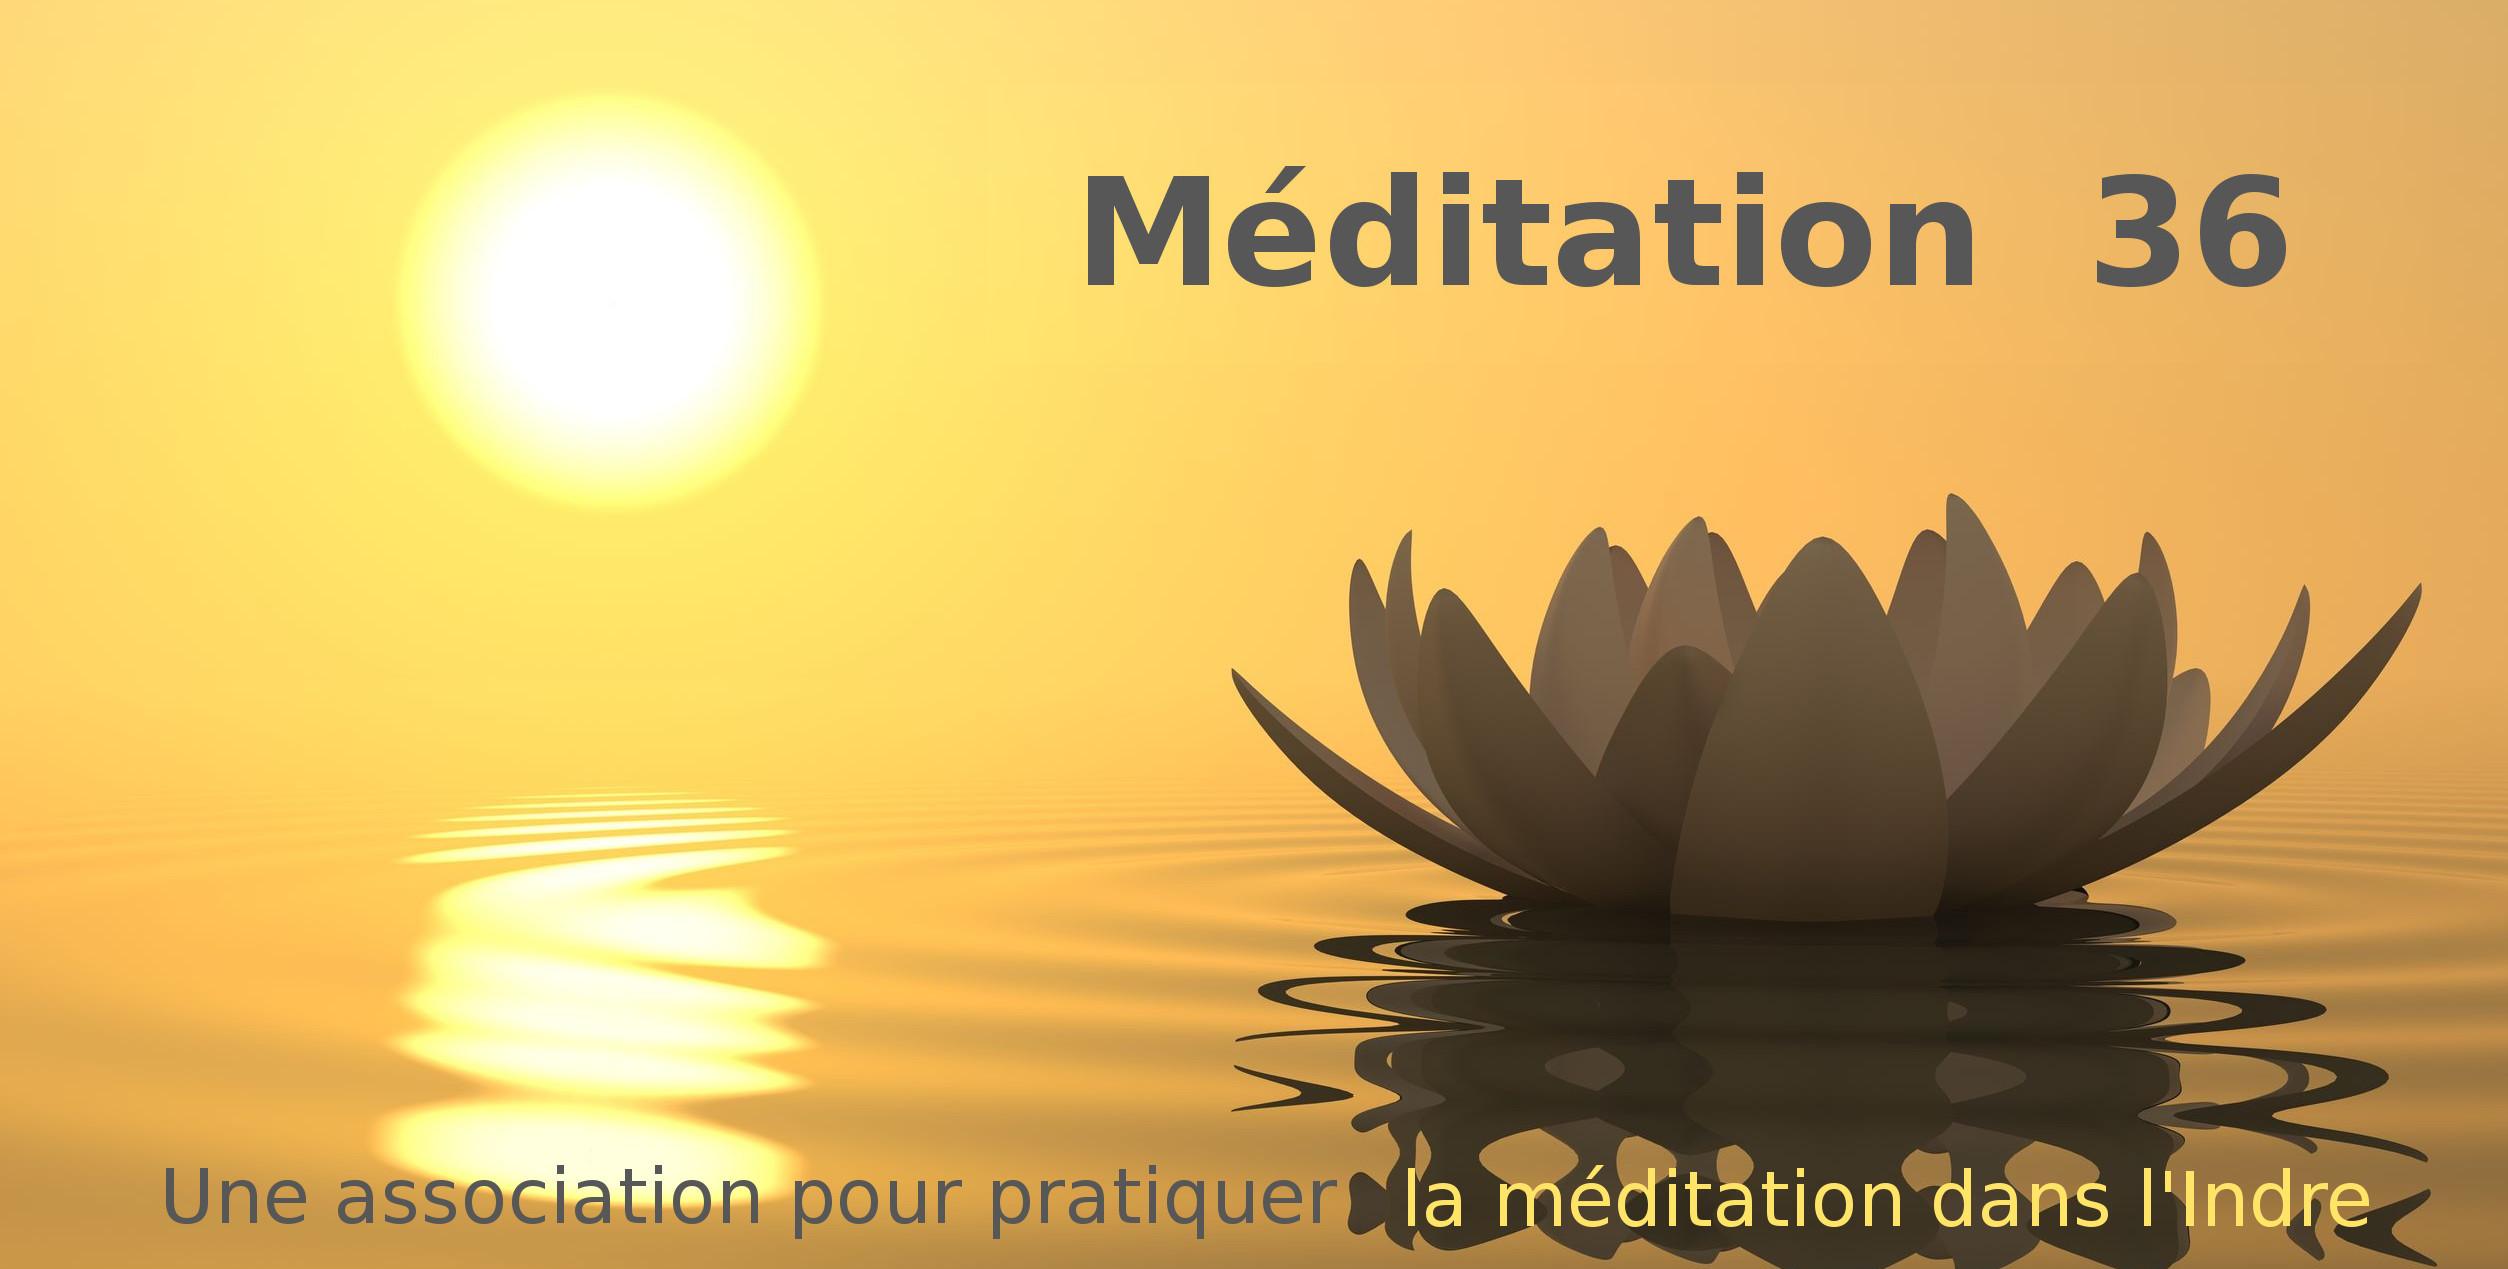 Méditation 36 – pratiquer la méditation dans l'Indre Logo